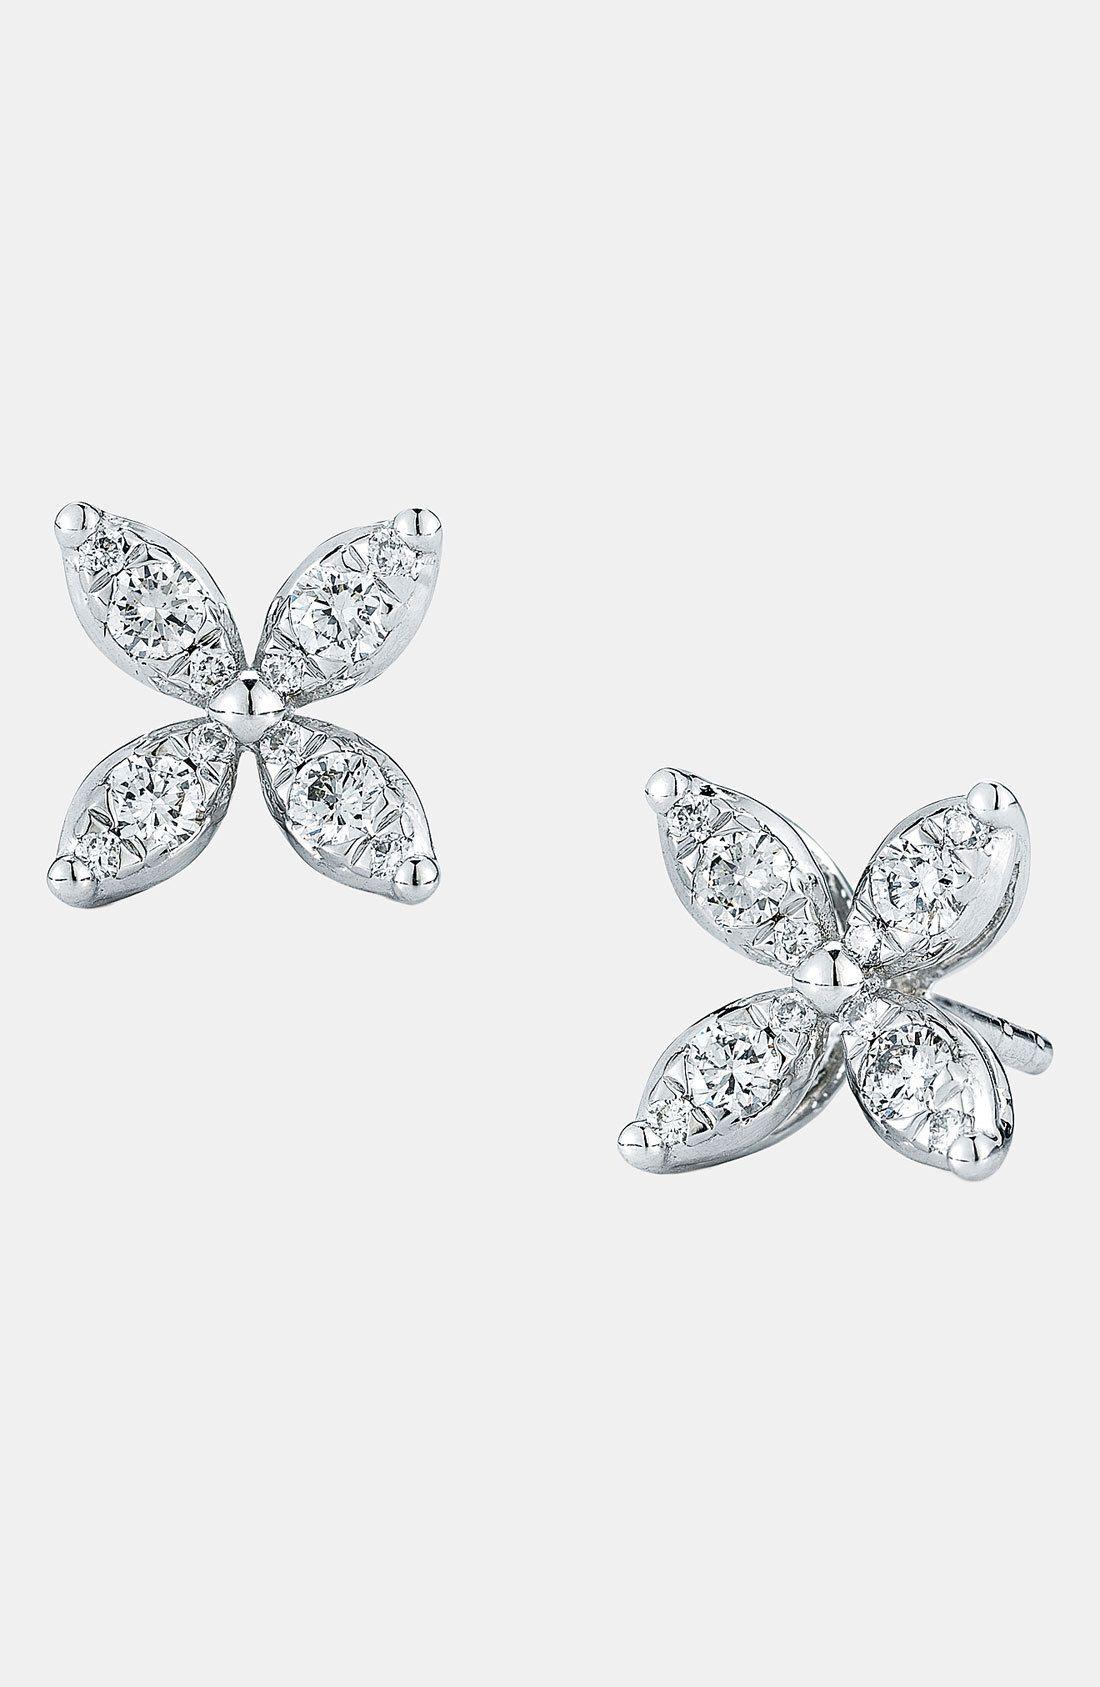 'Sunburst' Diamond Stud Earrings by Kwiat on HeartThis